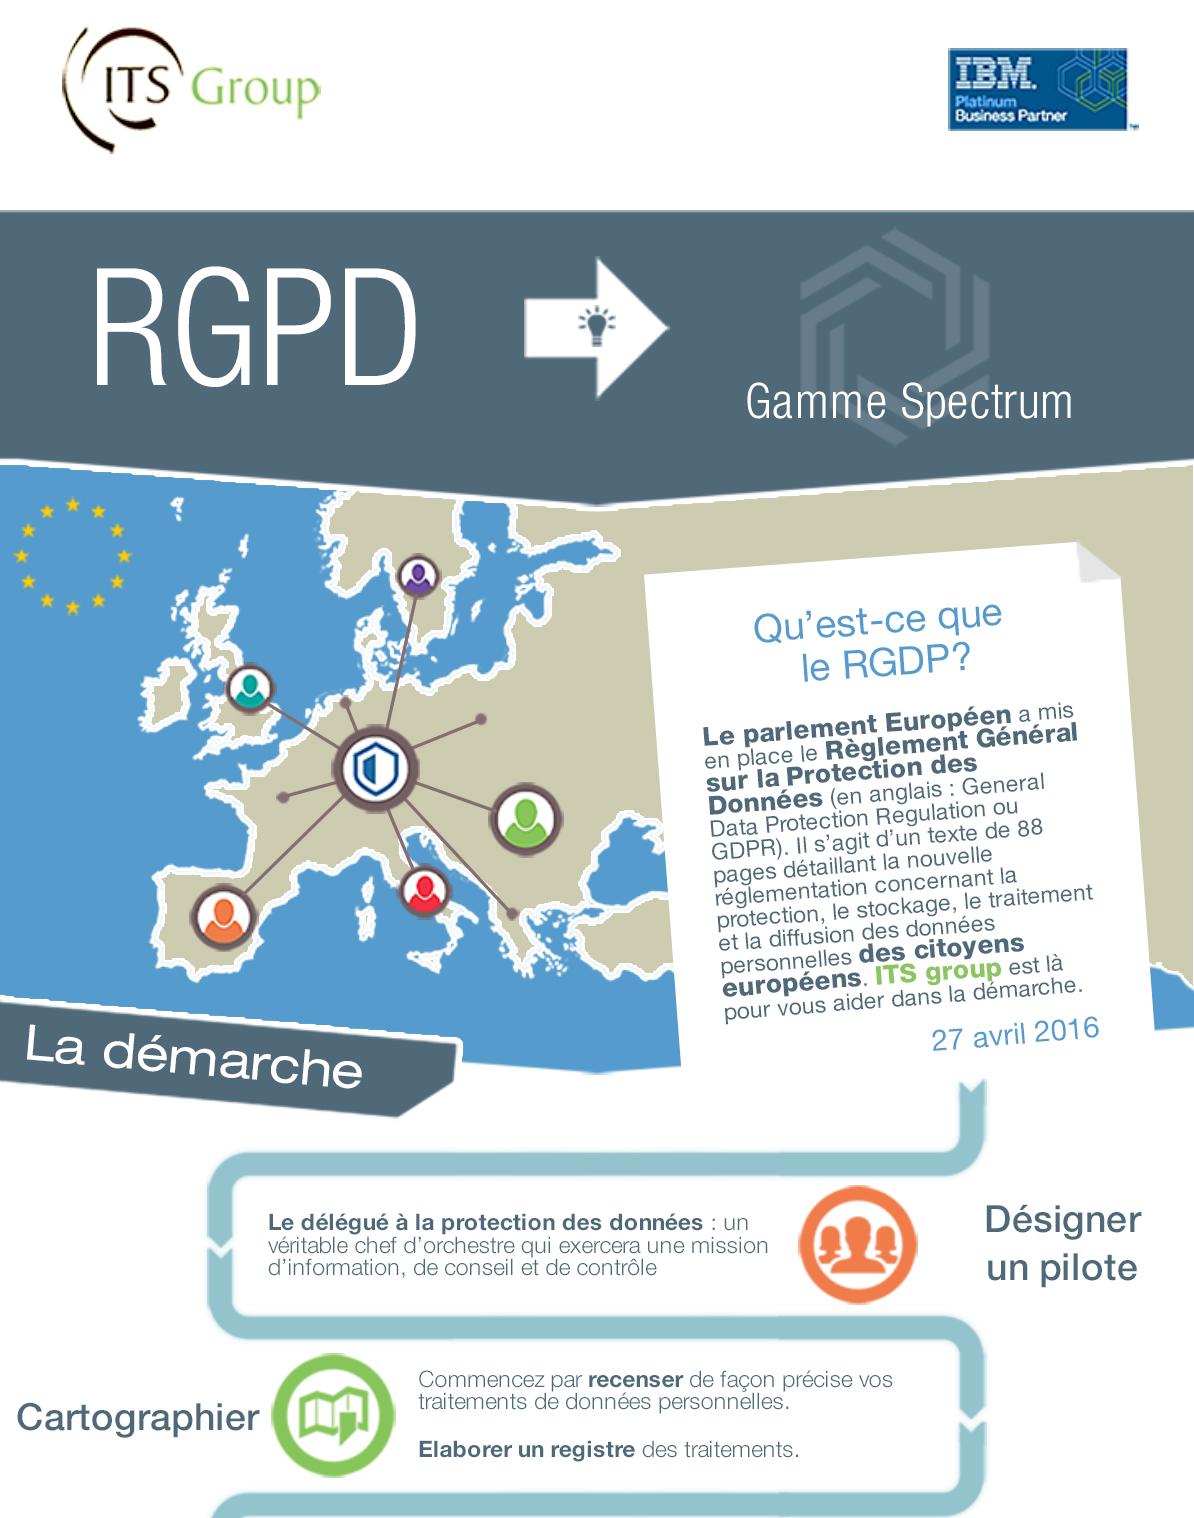 Infographie : ITS Group et IBM vous accompagnent dans votre démarche RGPD (GDPR)